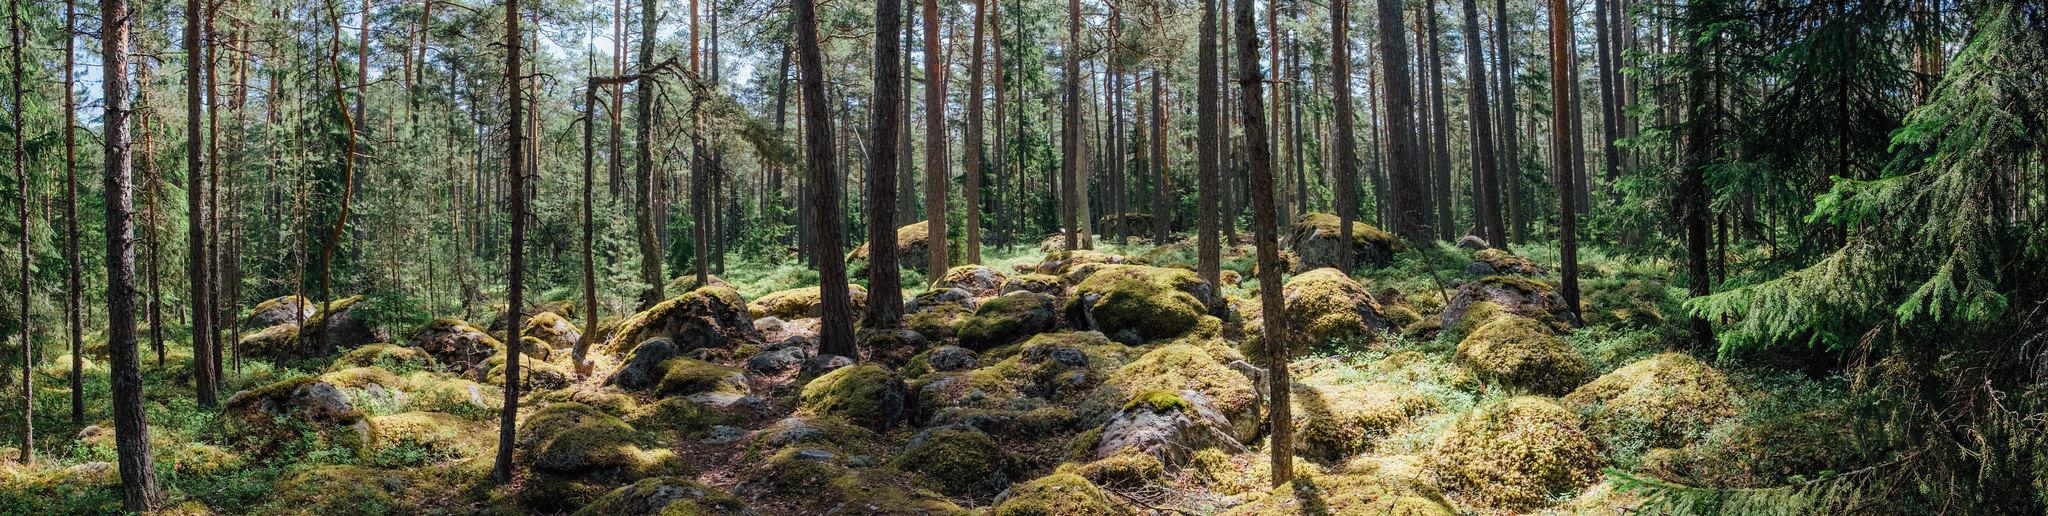 Forest_visitestonia_Arro